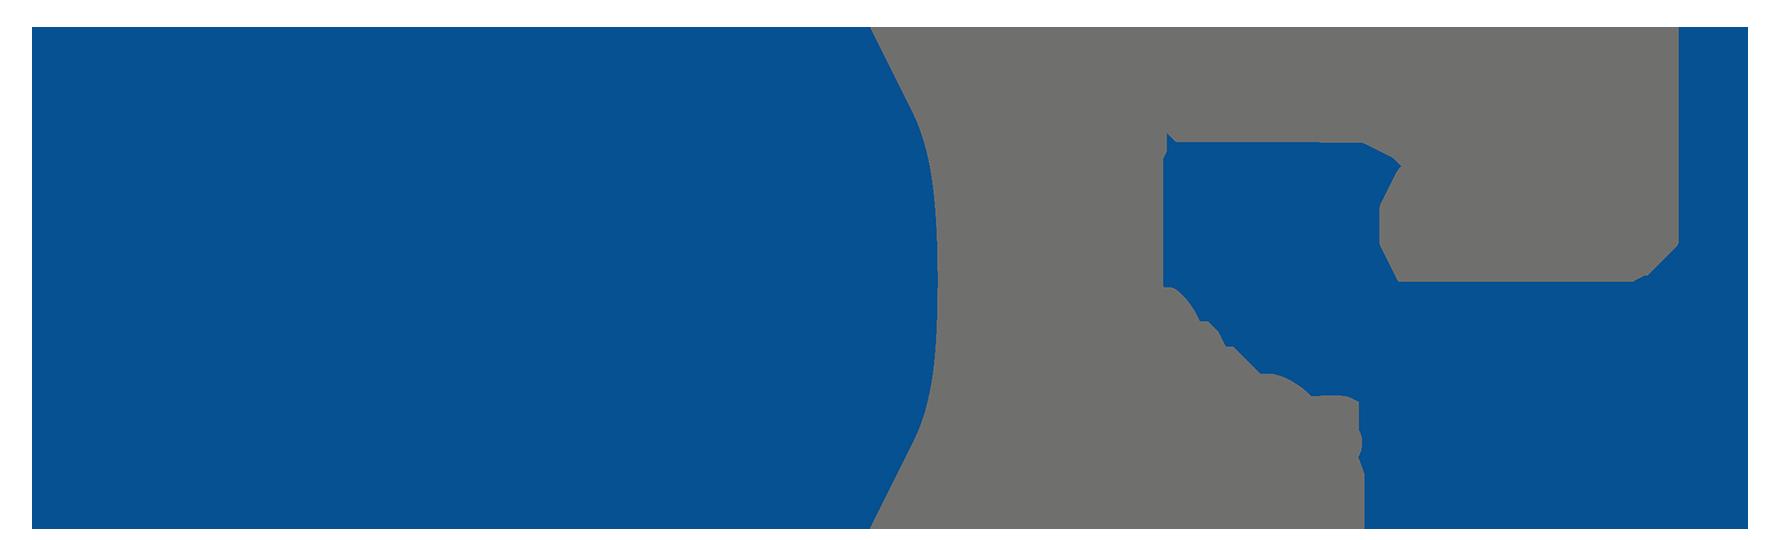 EssilorLuxottica